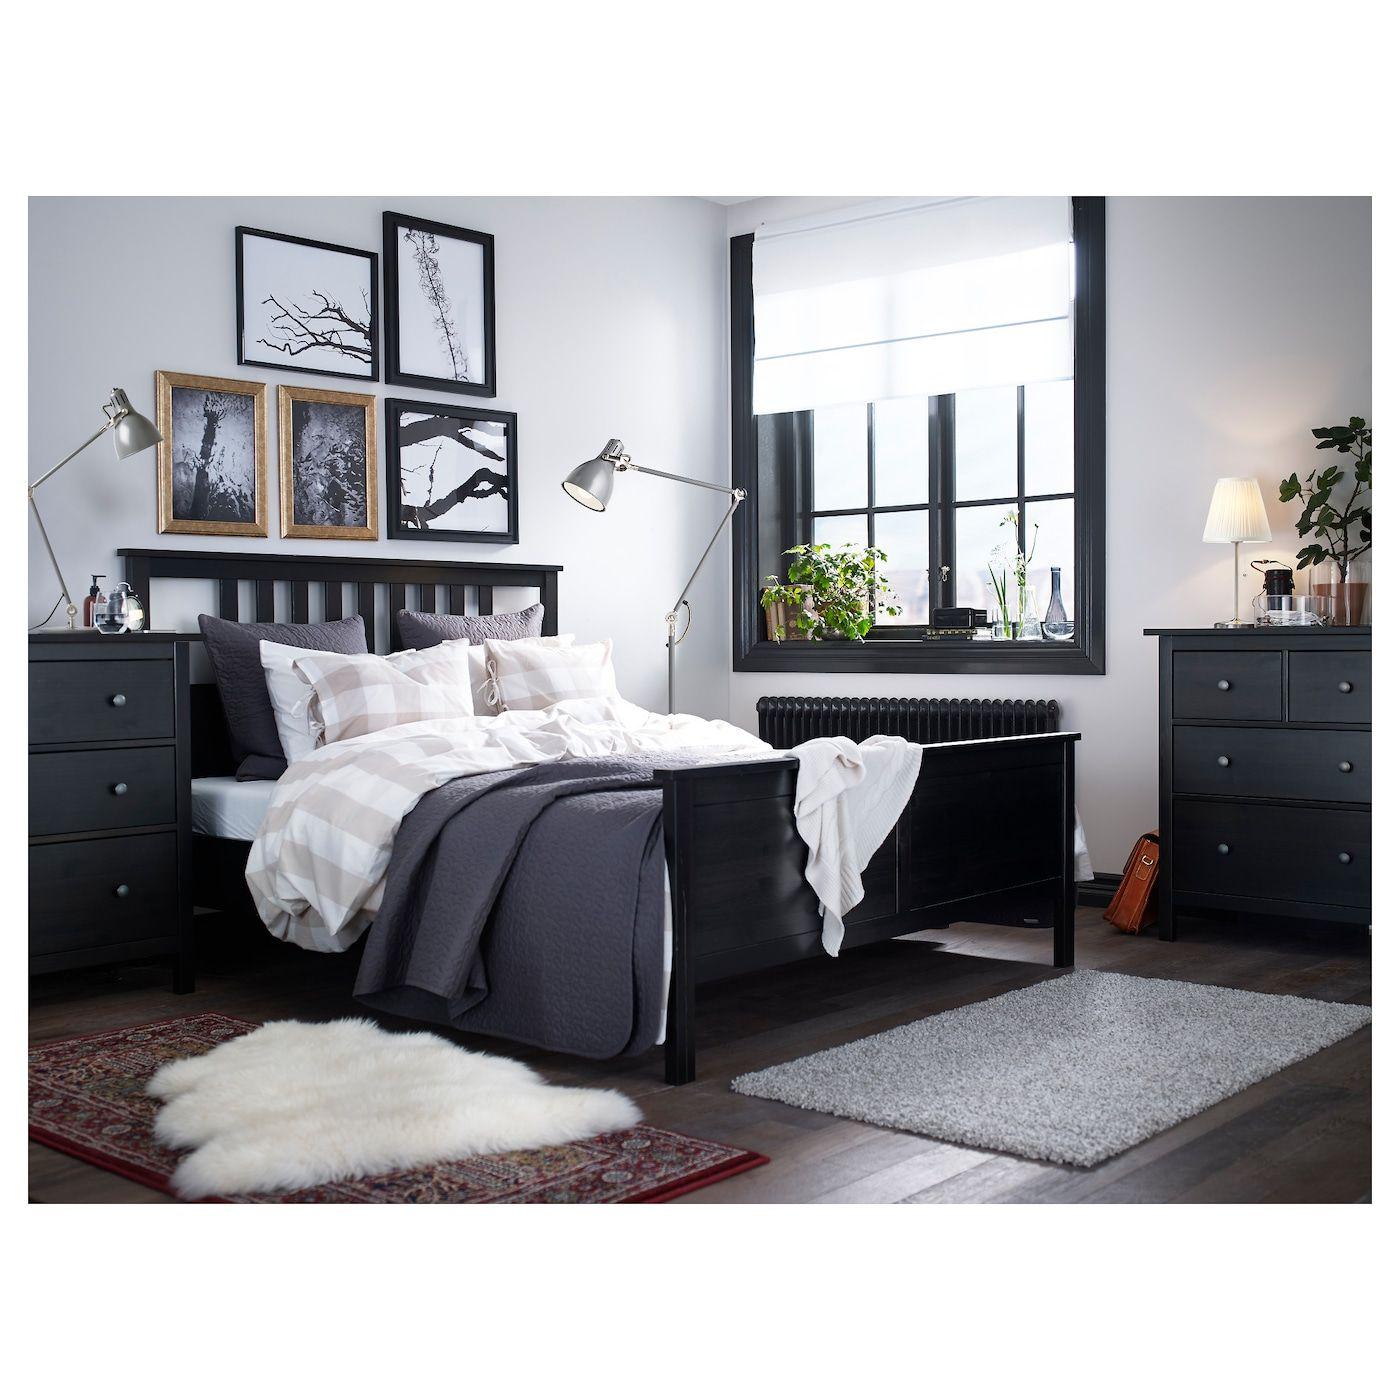 Hemnes Bettgestell Schwarzbraun Leirsund Ikea Osterreich In 2020 Ikea Hemnes Bed Ikea Bedroom Furniture Hemnes Bed